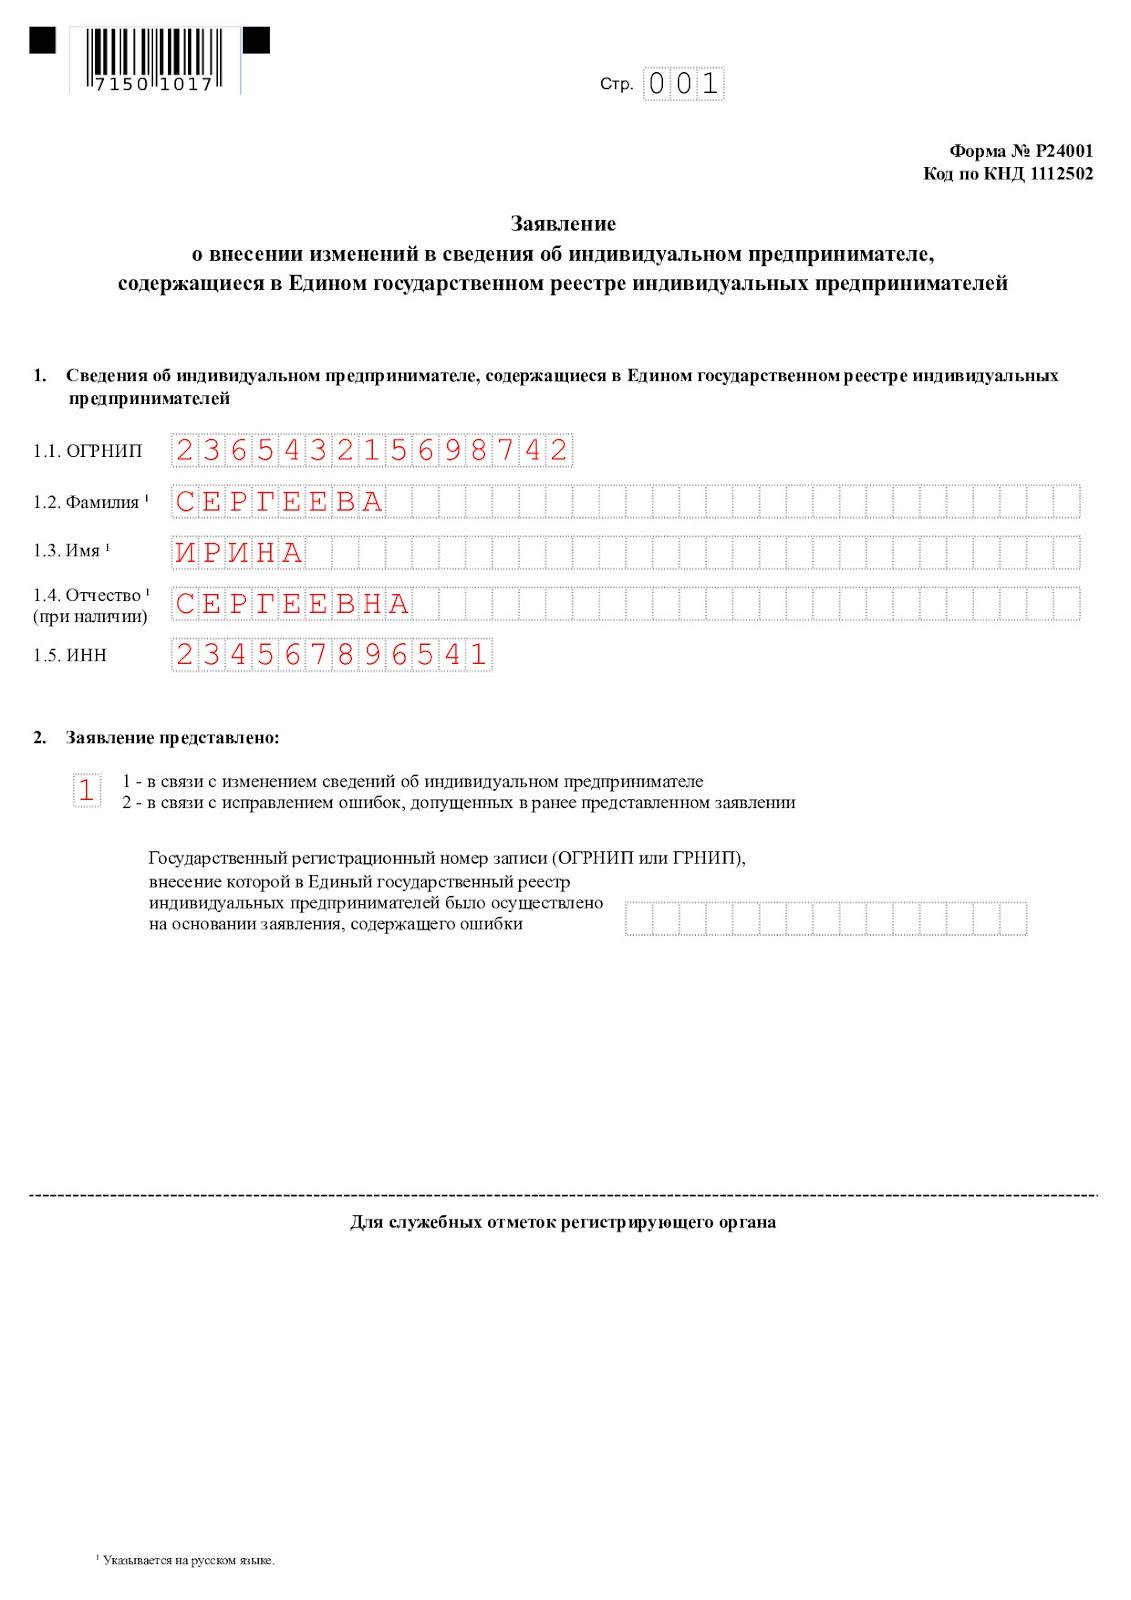 Форма Р24001 - внесение изменений в сведение об ИП 1